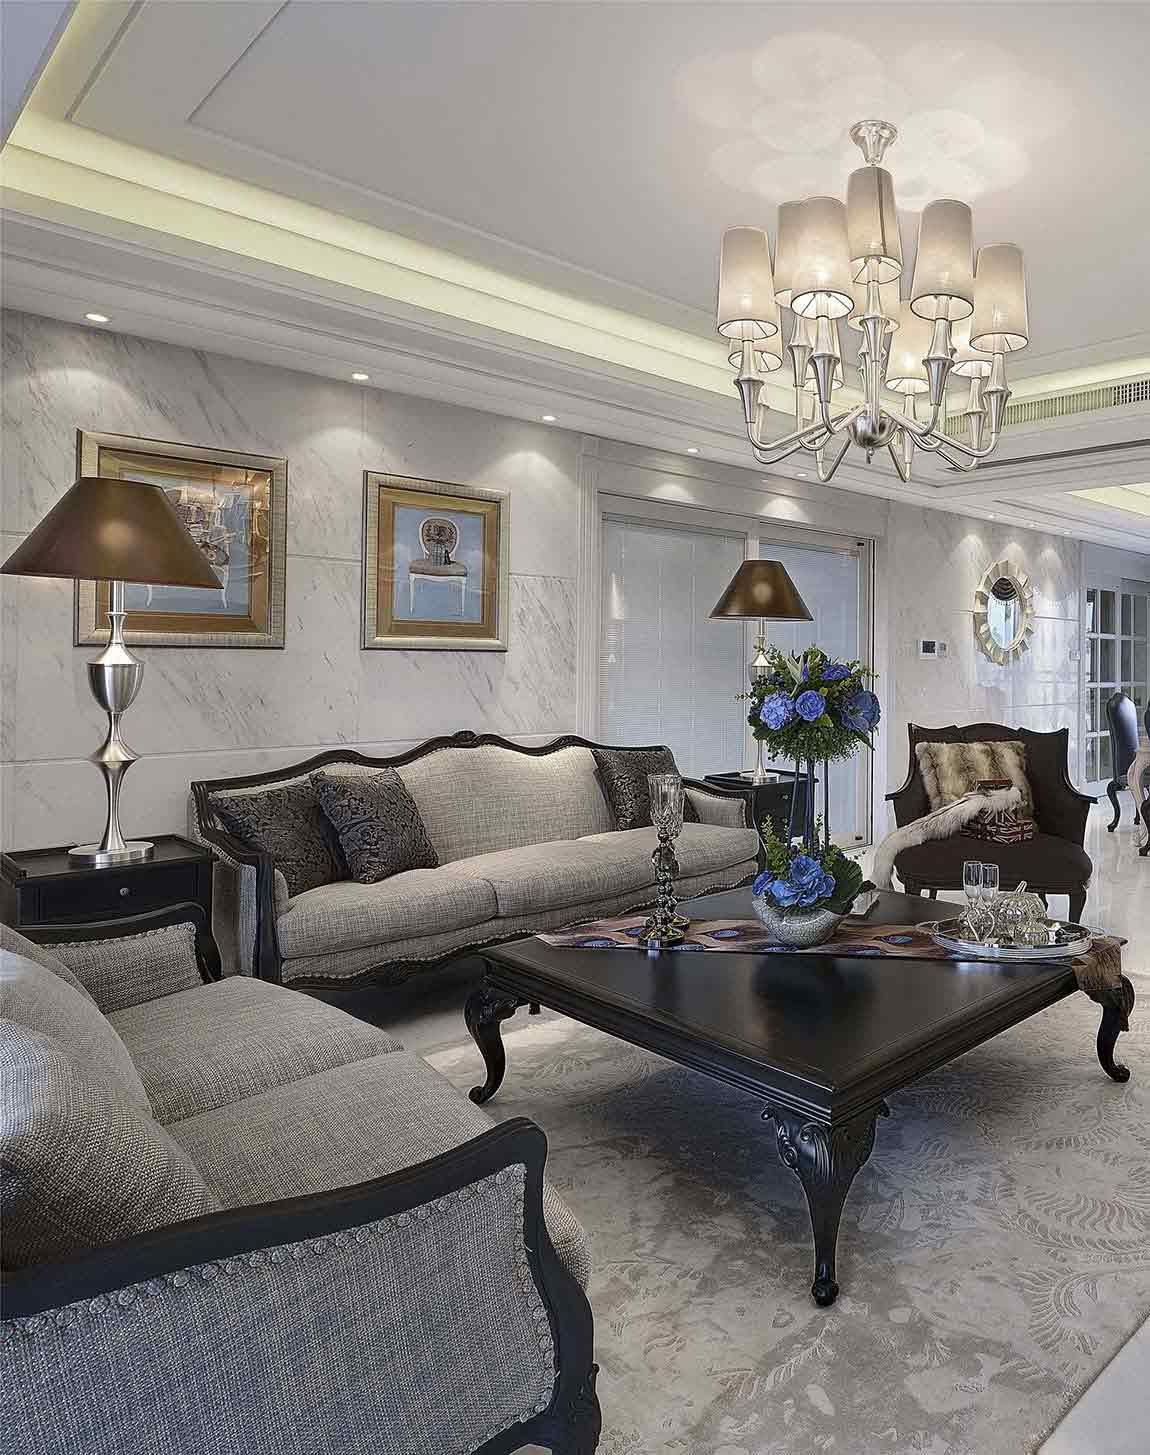 大气典雅欧式风格客厅设计图